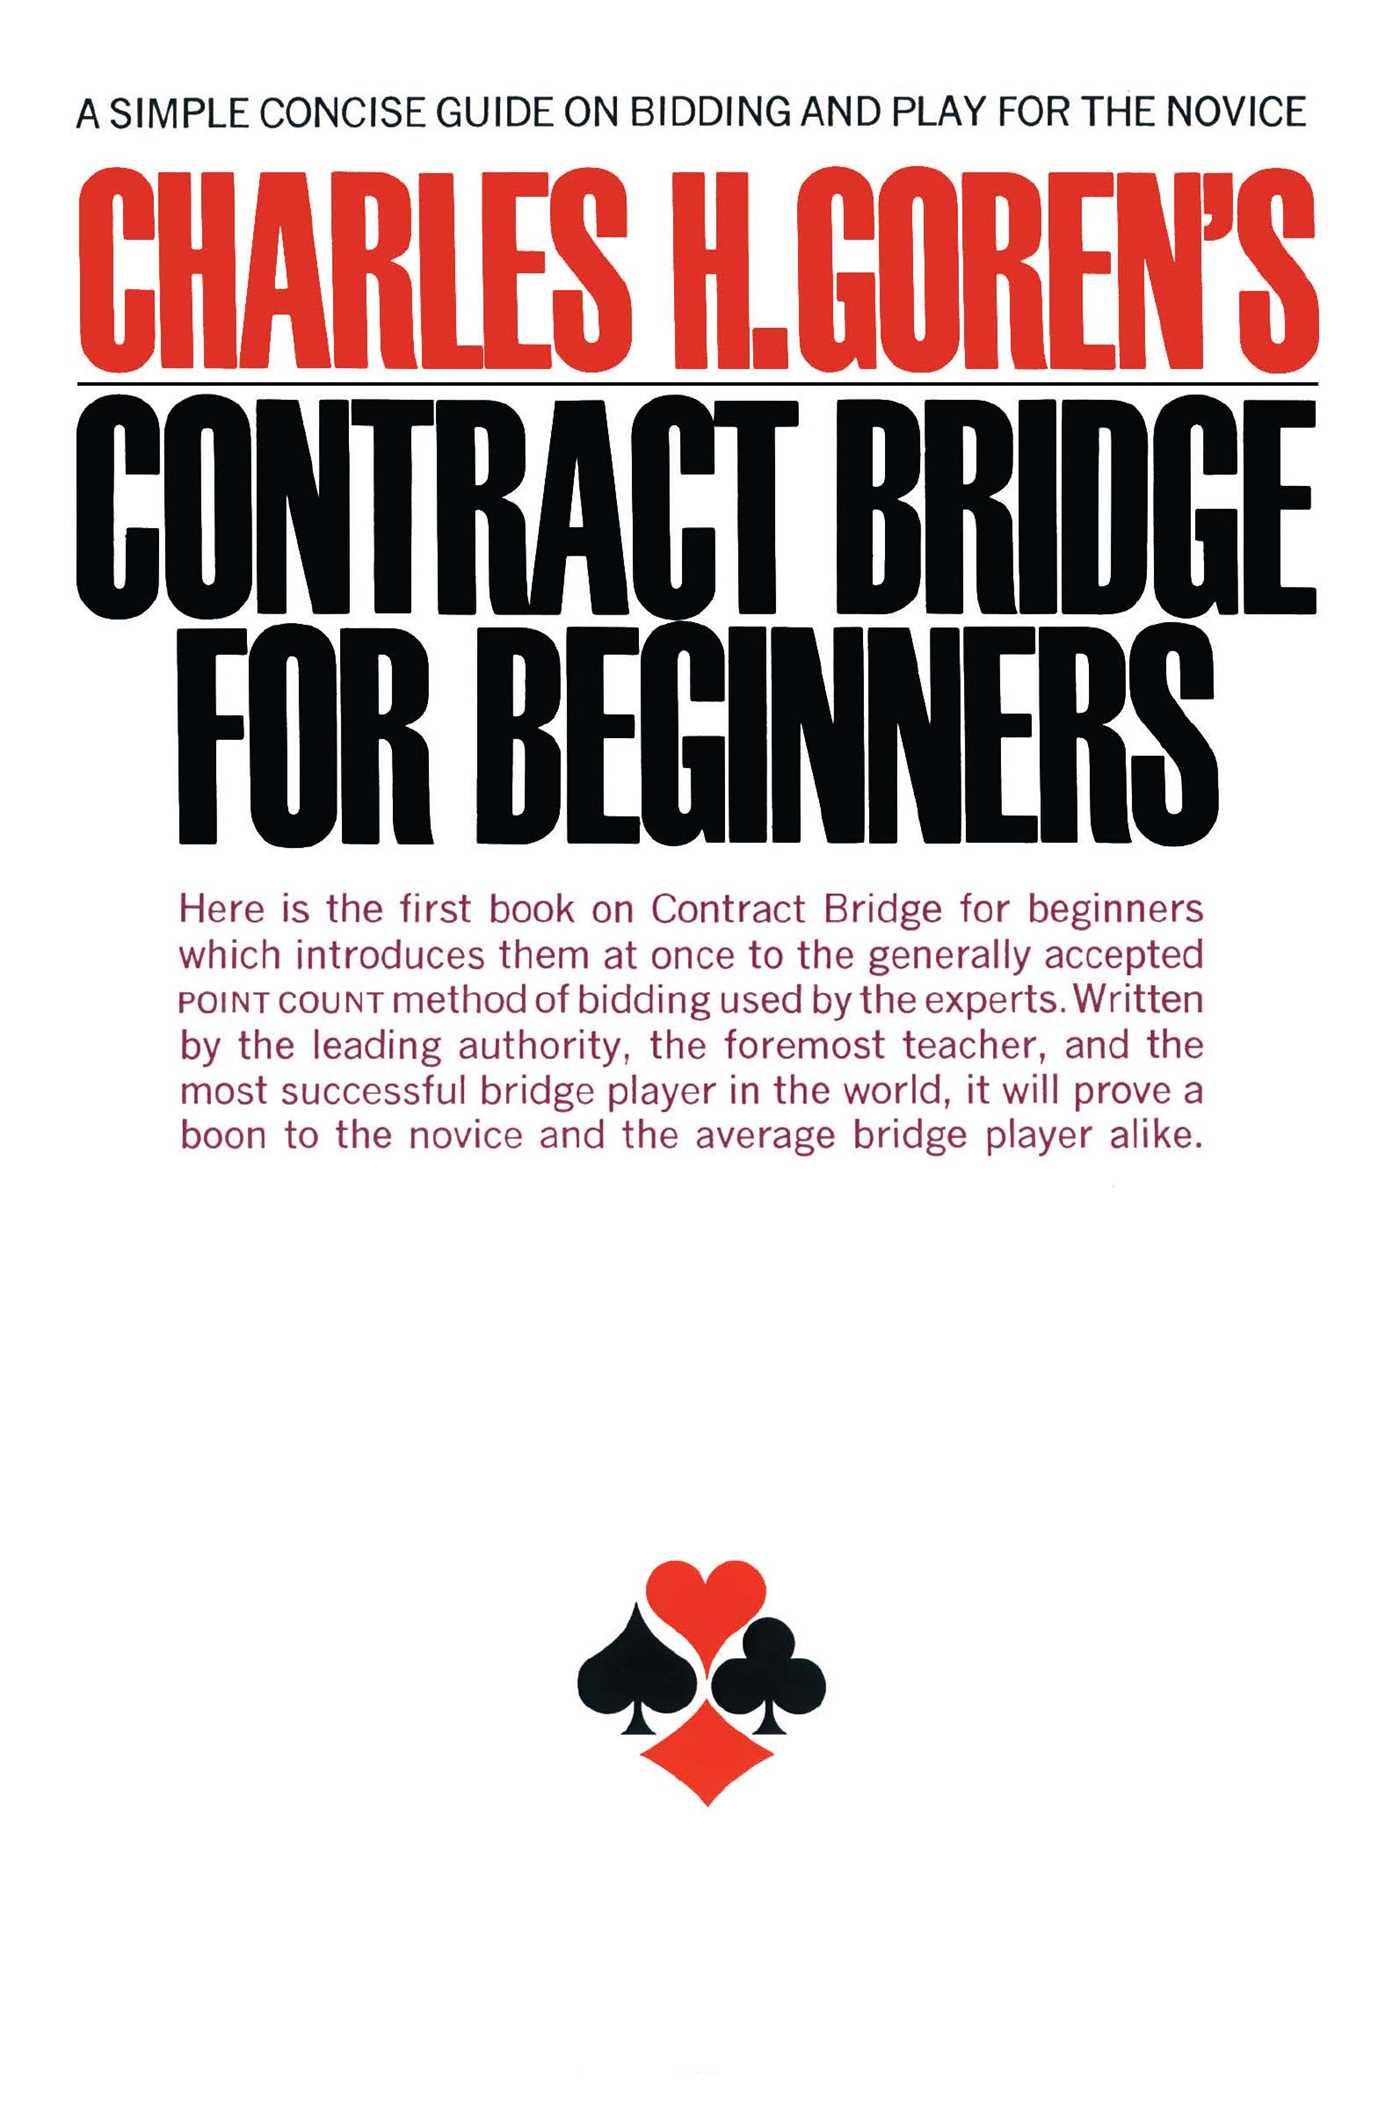 Contract bridge for beginners 9780671210526 hr